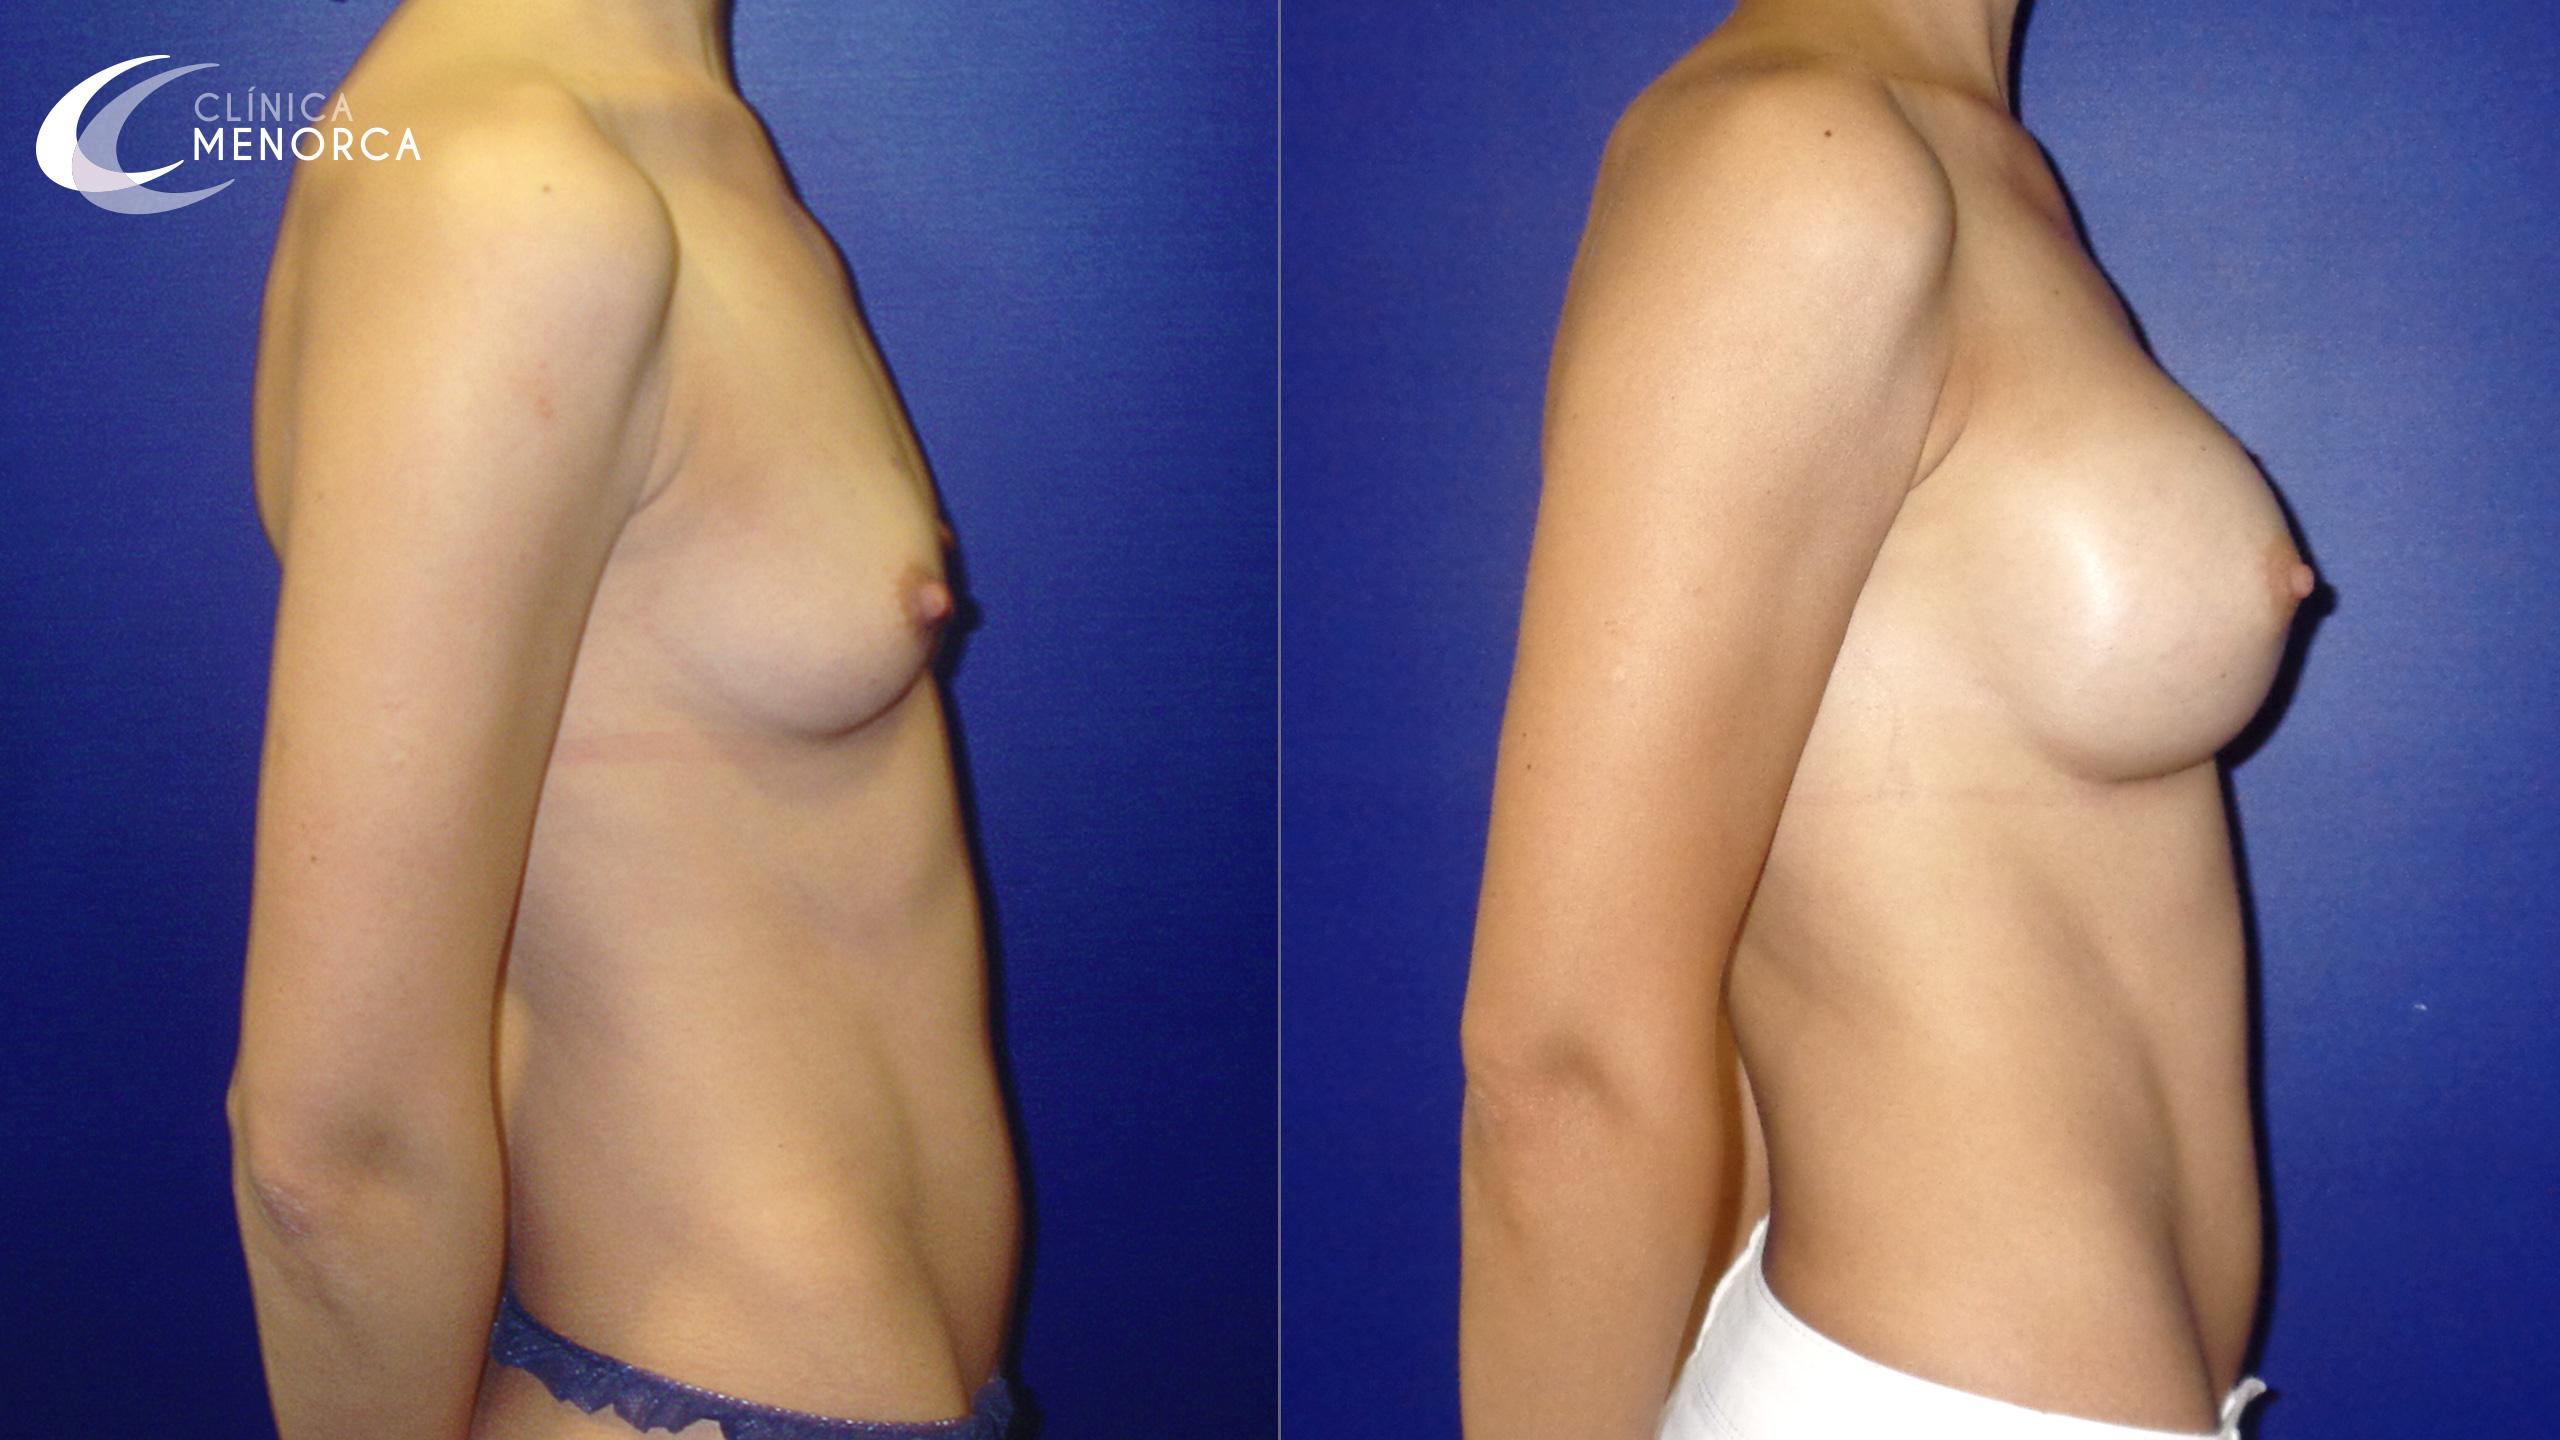 Fotos de antes y después de operación de aumento de pechos